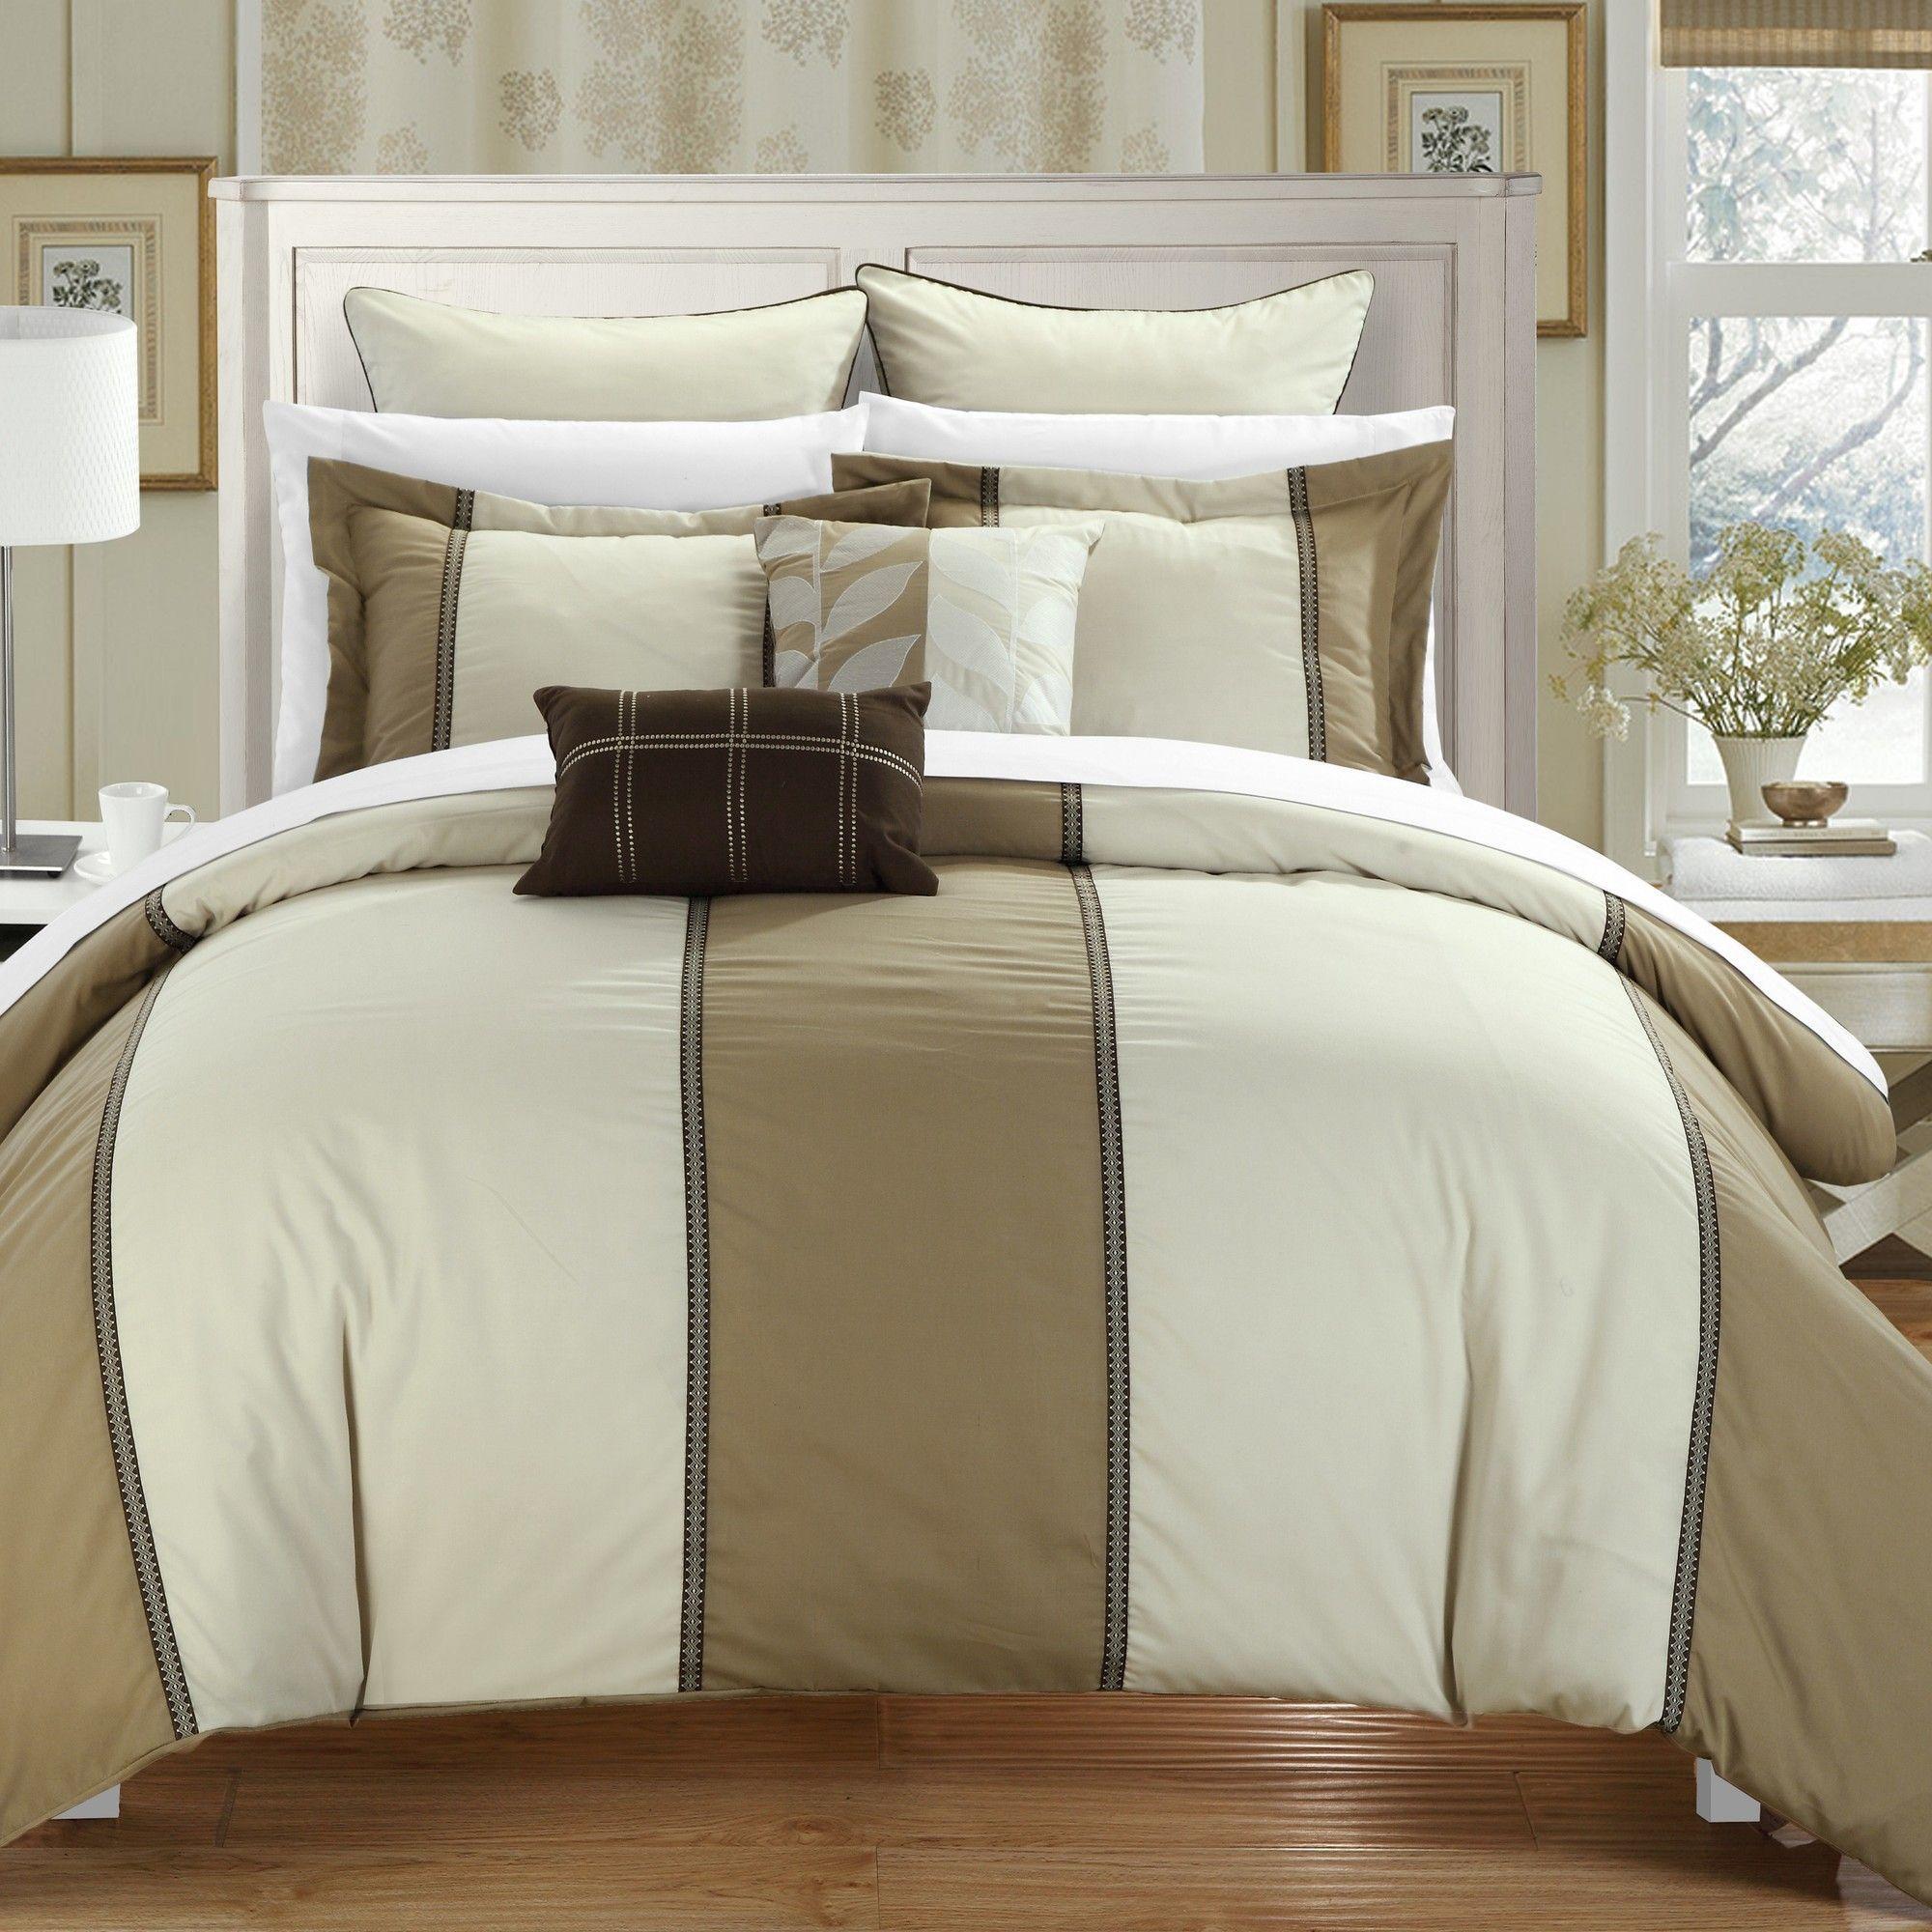 Frontier 7 Piece Comforter Set